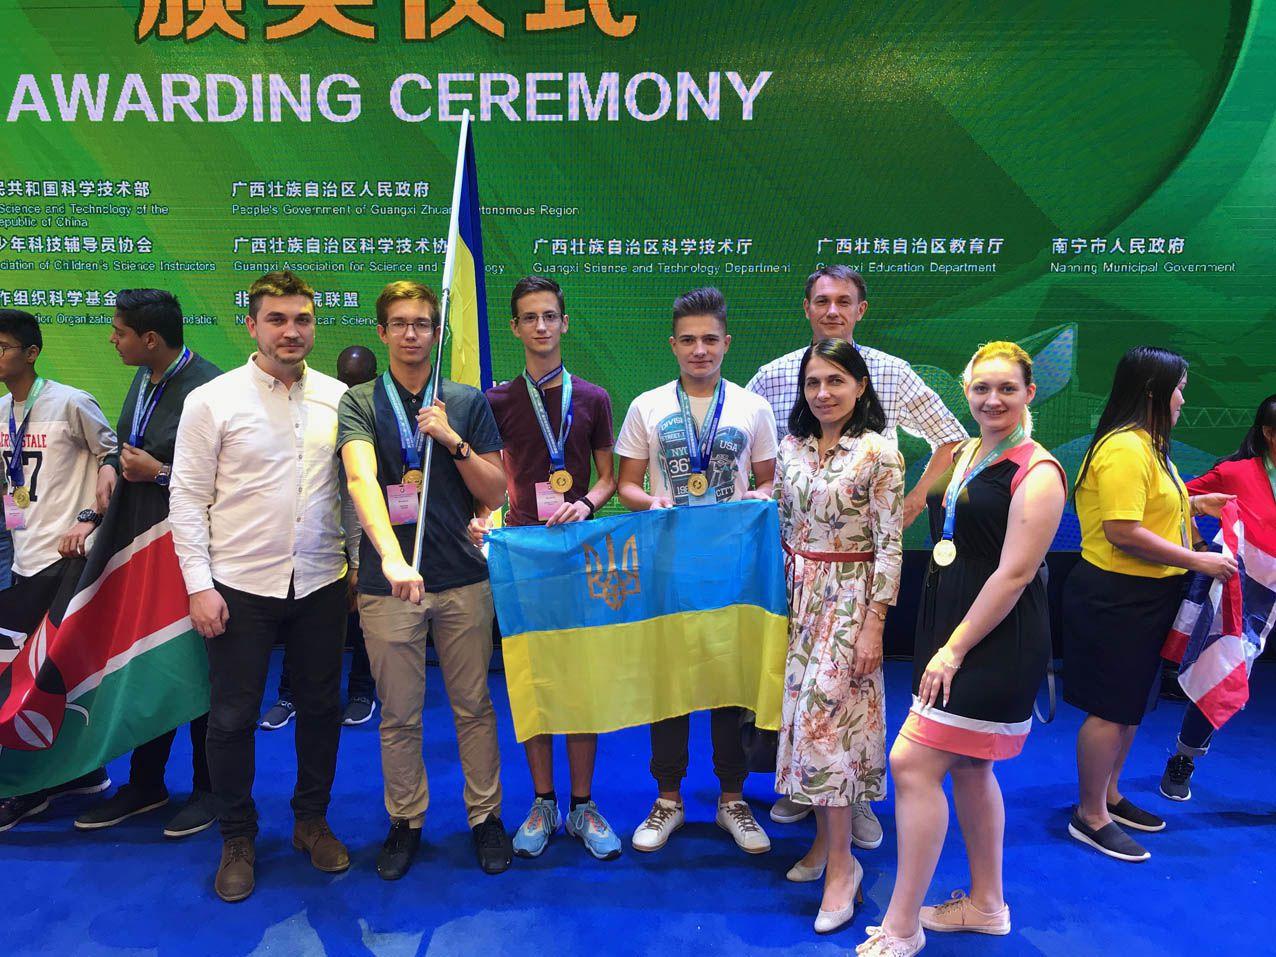 П'ять юних винахідників вибороли «золото» на конкурсі в Китаї